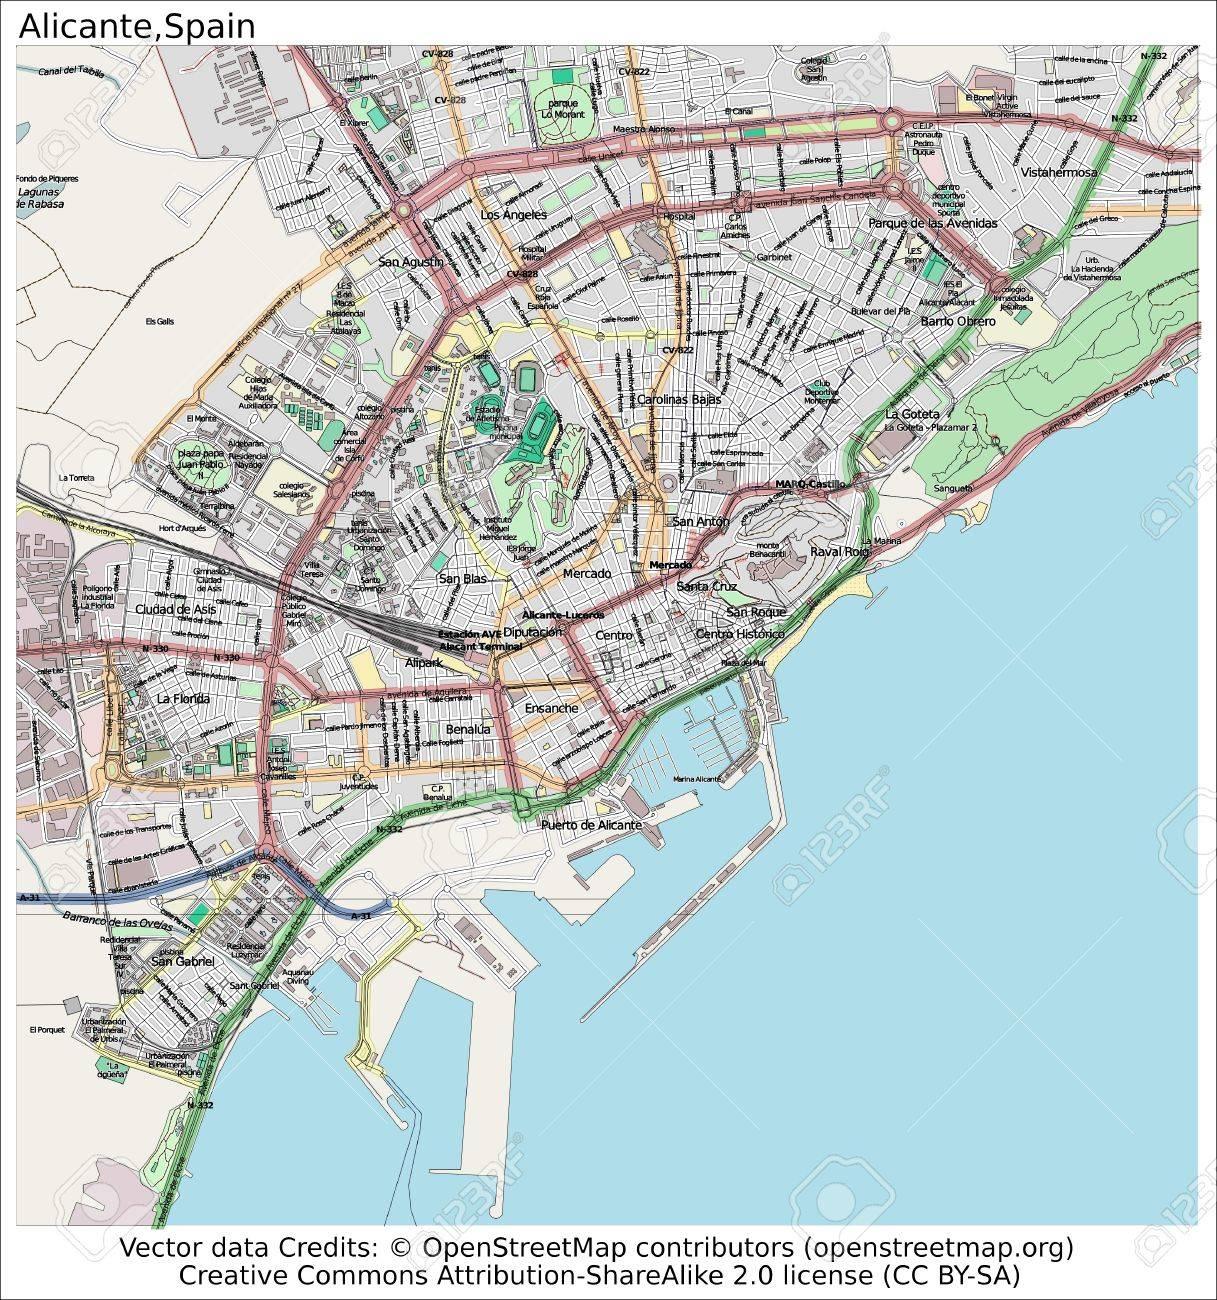 Cartina Alicante Spagna.Alicante Spagna Mappa Della Citta Vista Aerea